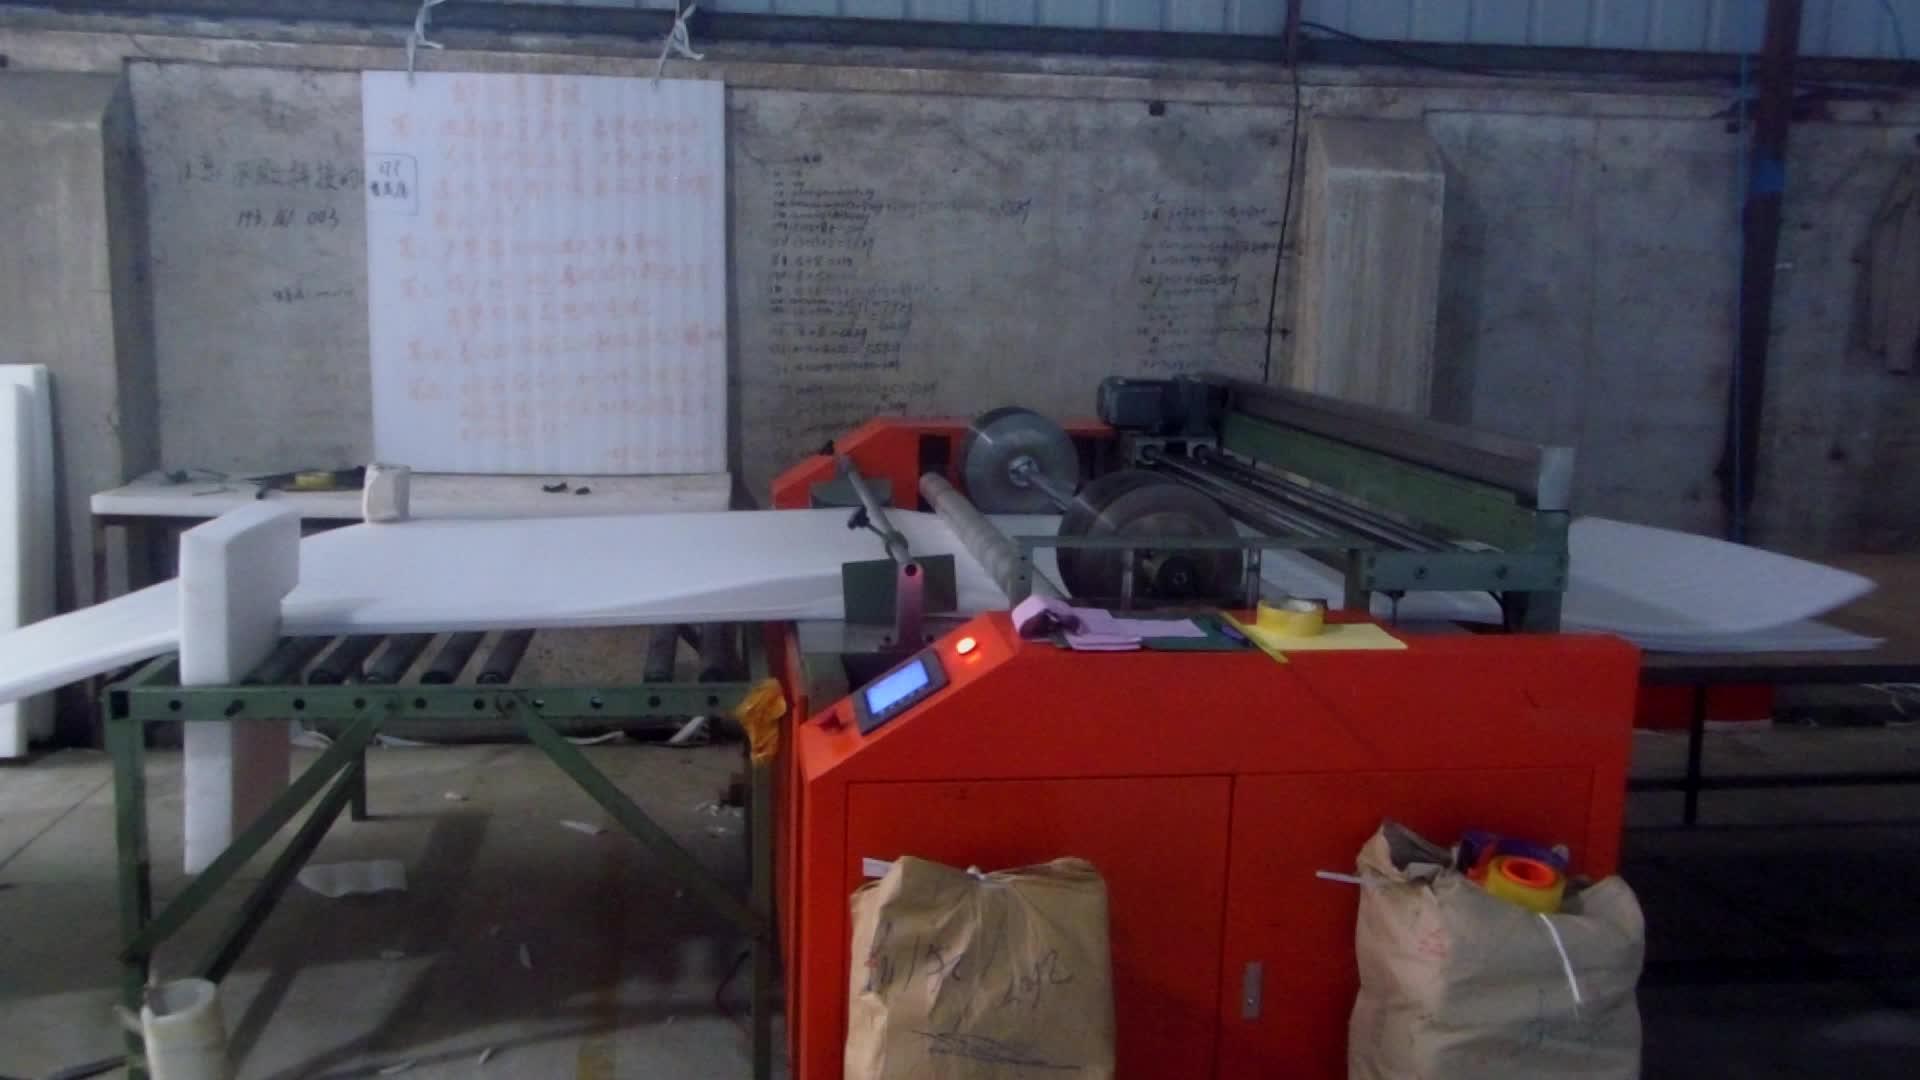 Alibaba China New style Foam cutting machine/Auto-cutting sheet machine/Epe auto-cutting machine